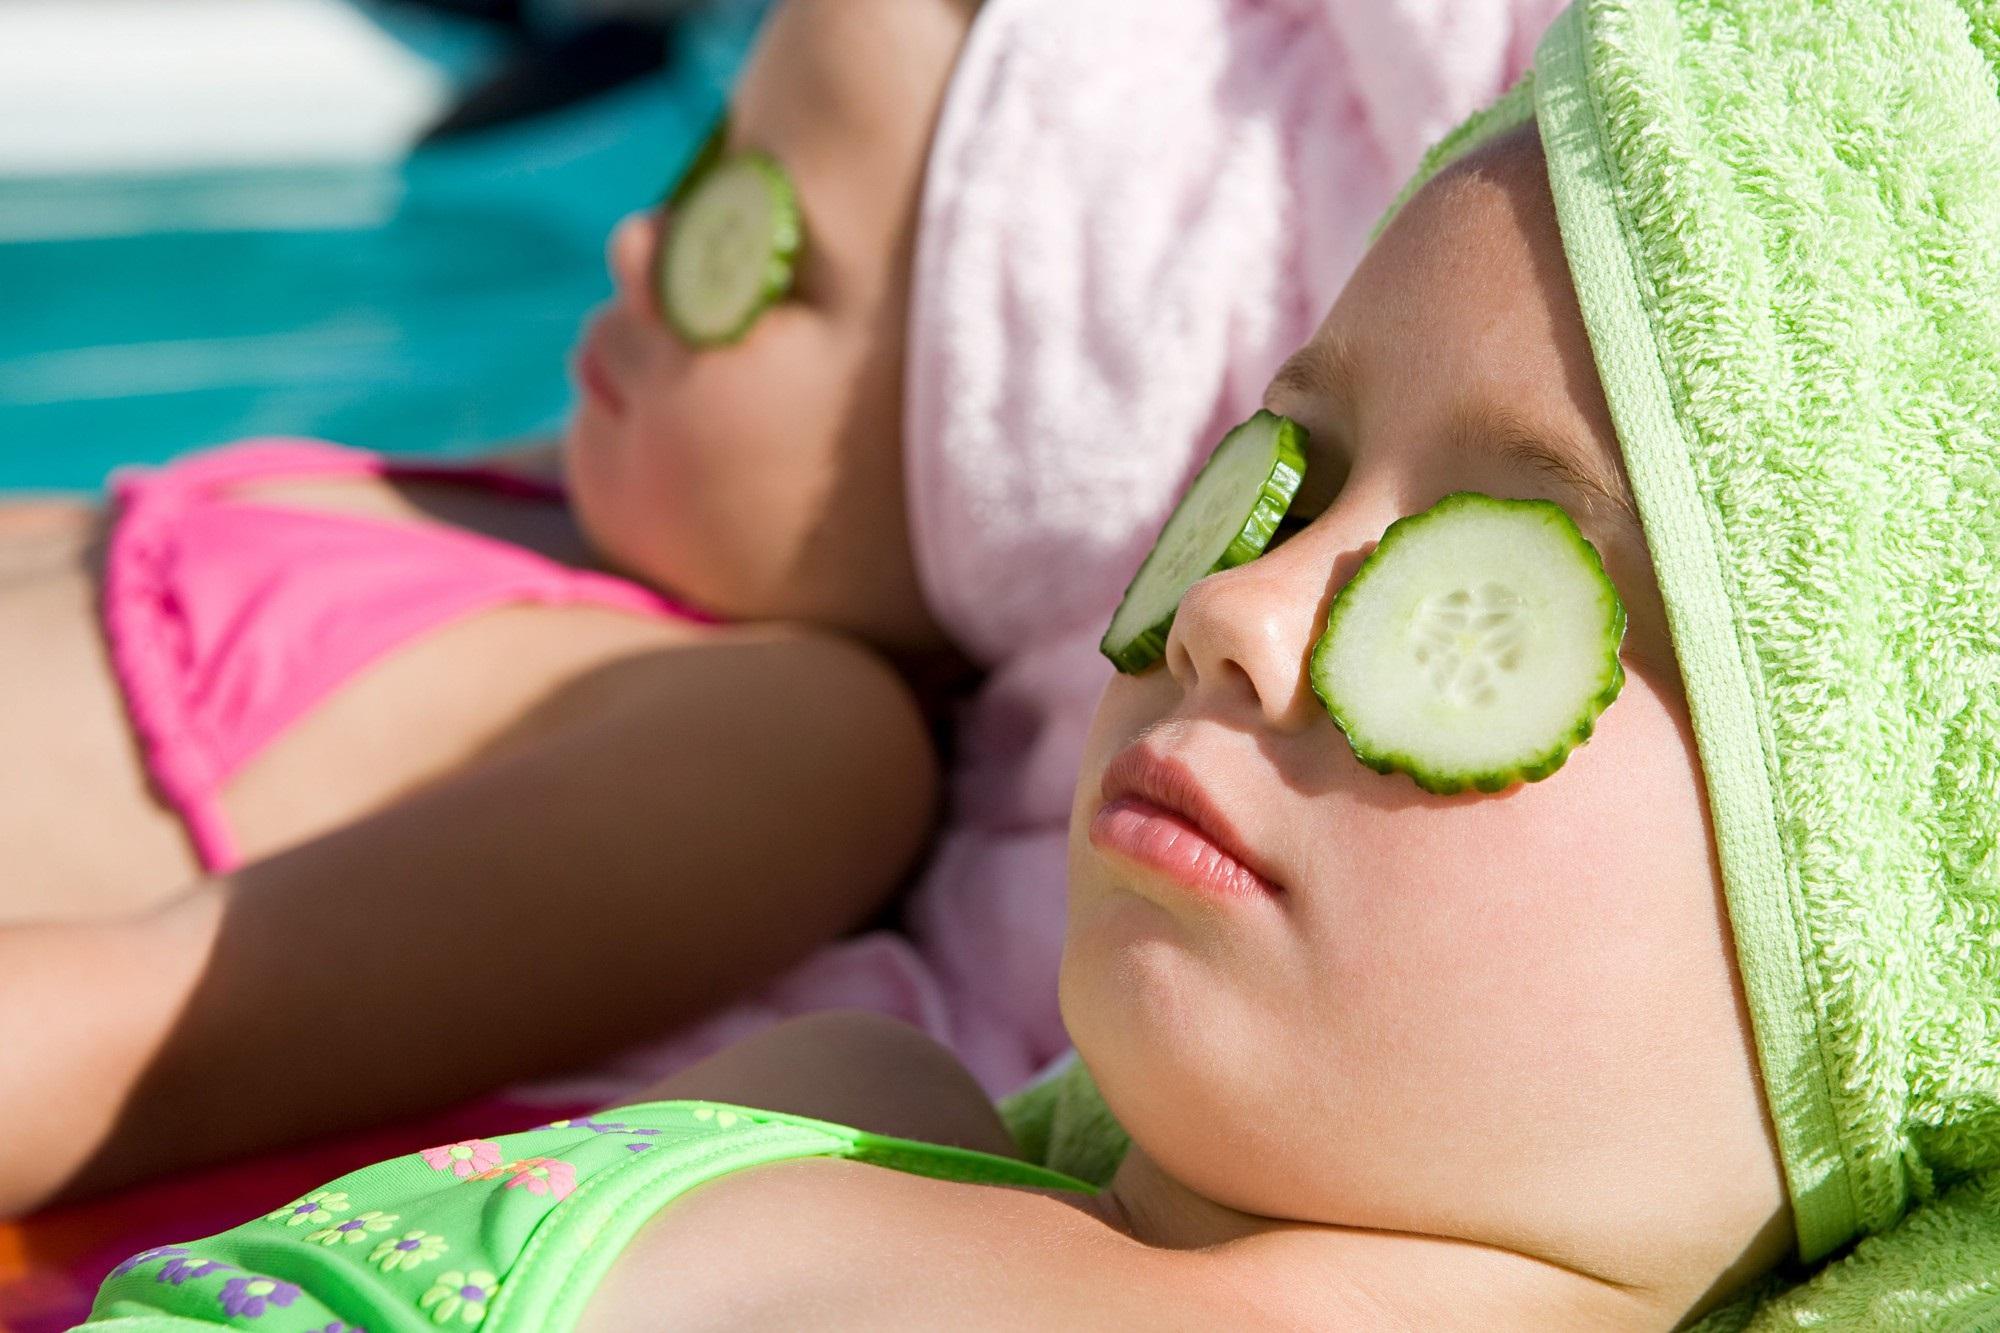 Duy trì những thói quen này sẽ giúp các 'cú đêm' khắc phục hiệu quả chứng khô mắt - Ảnh 3